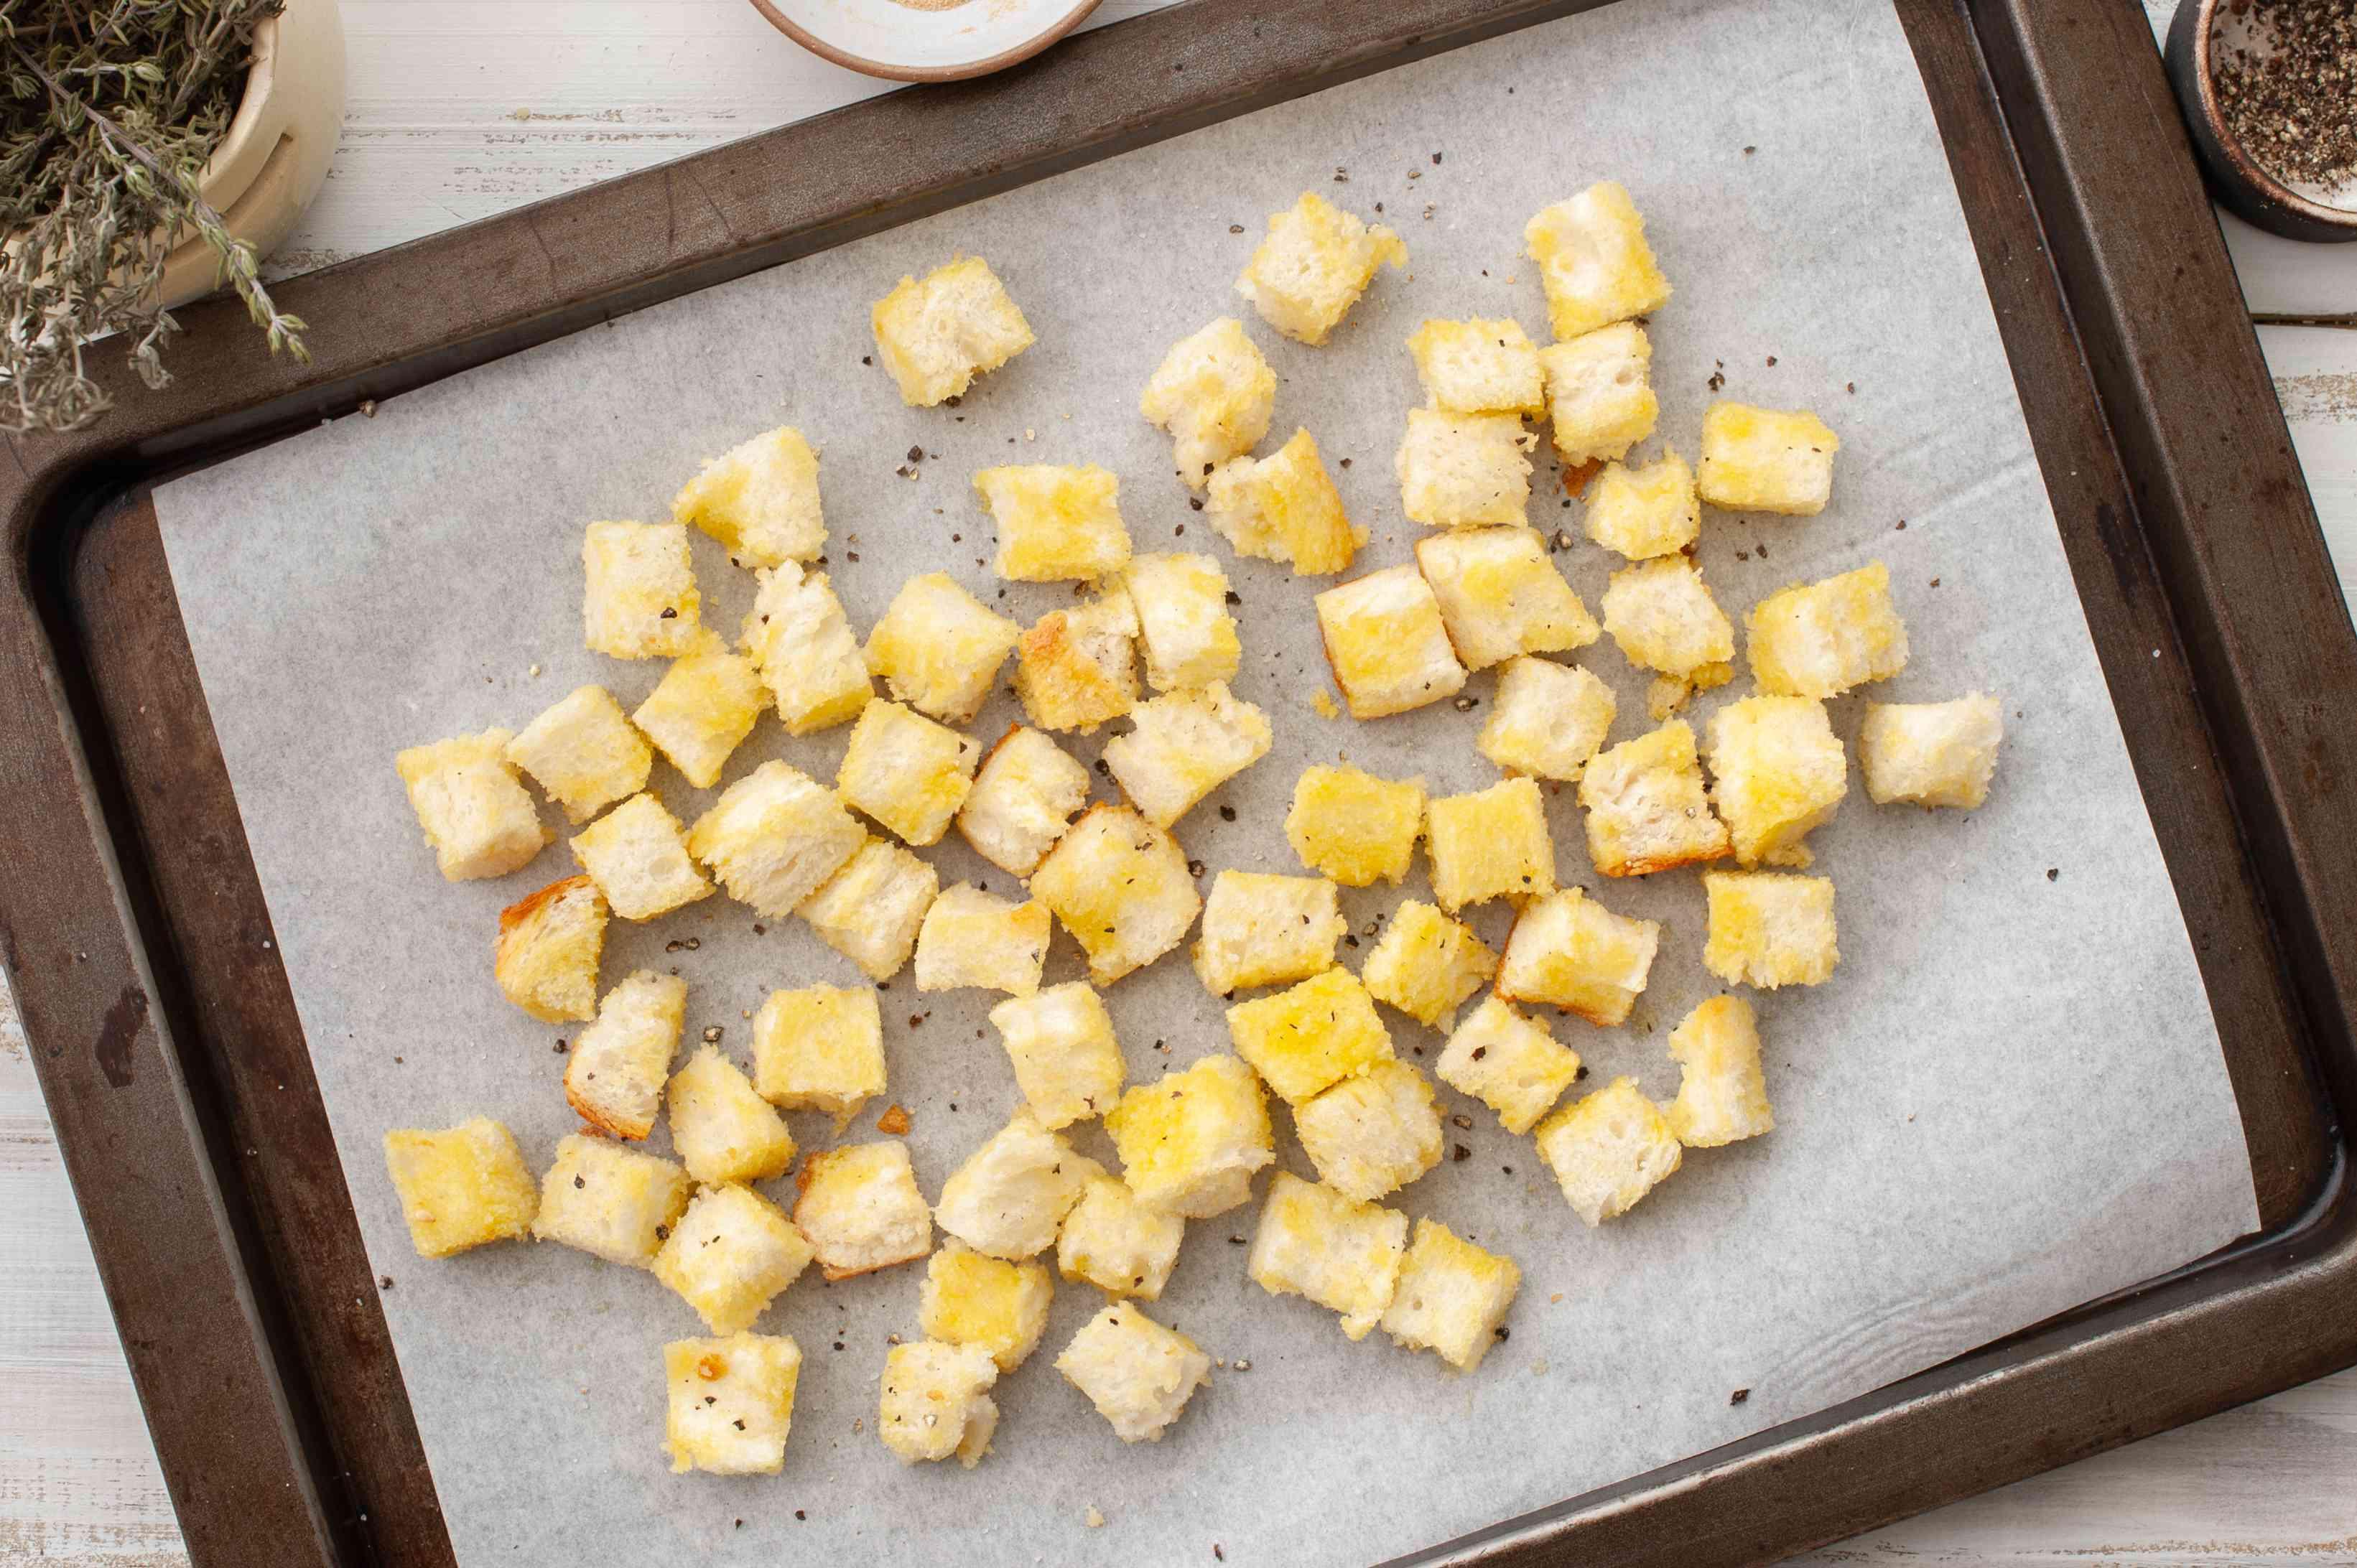 Seasoned bread cubes on a baking sheet